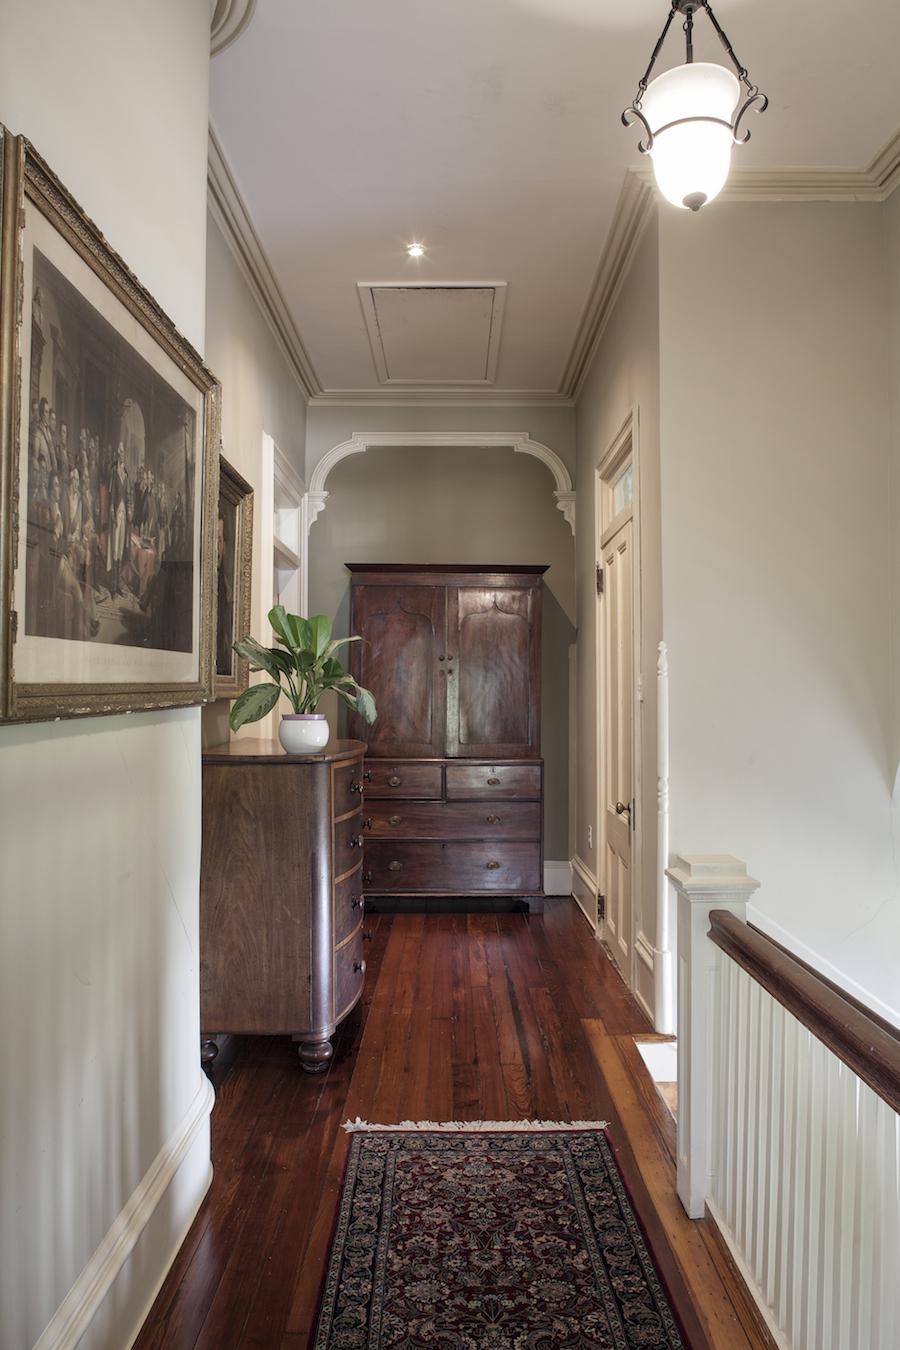 Top Bed and Breakfast Savannah Nichols Suite Hallway.jpg